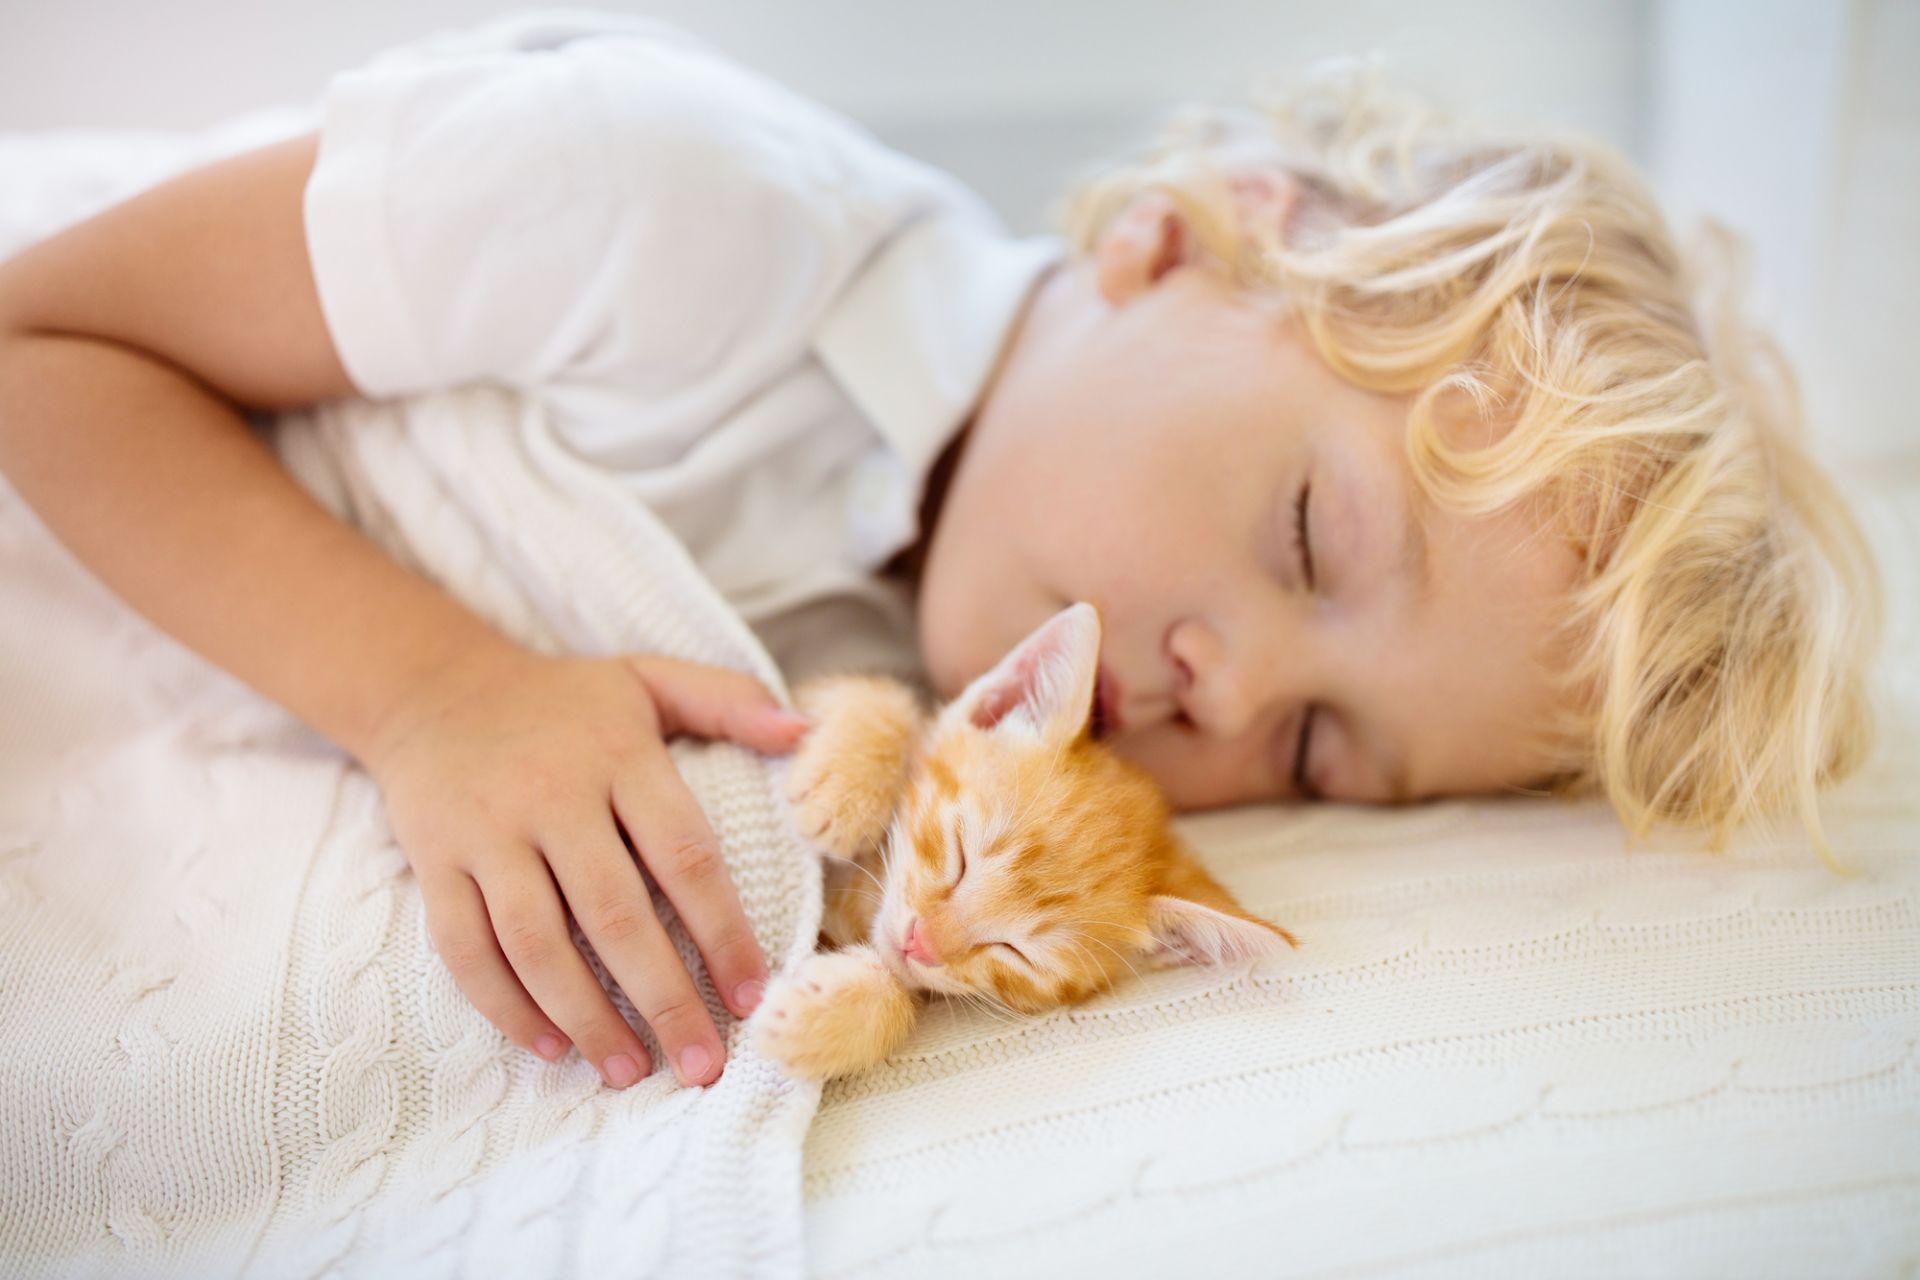 Pieni poika nukkuu sängyllä kissanpojan kanssa